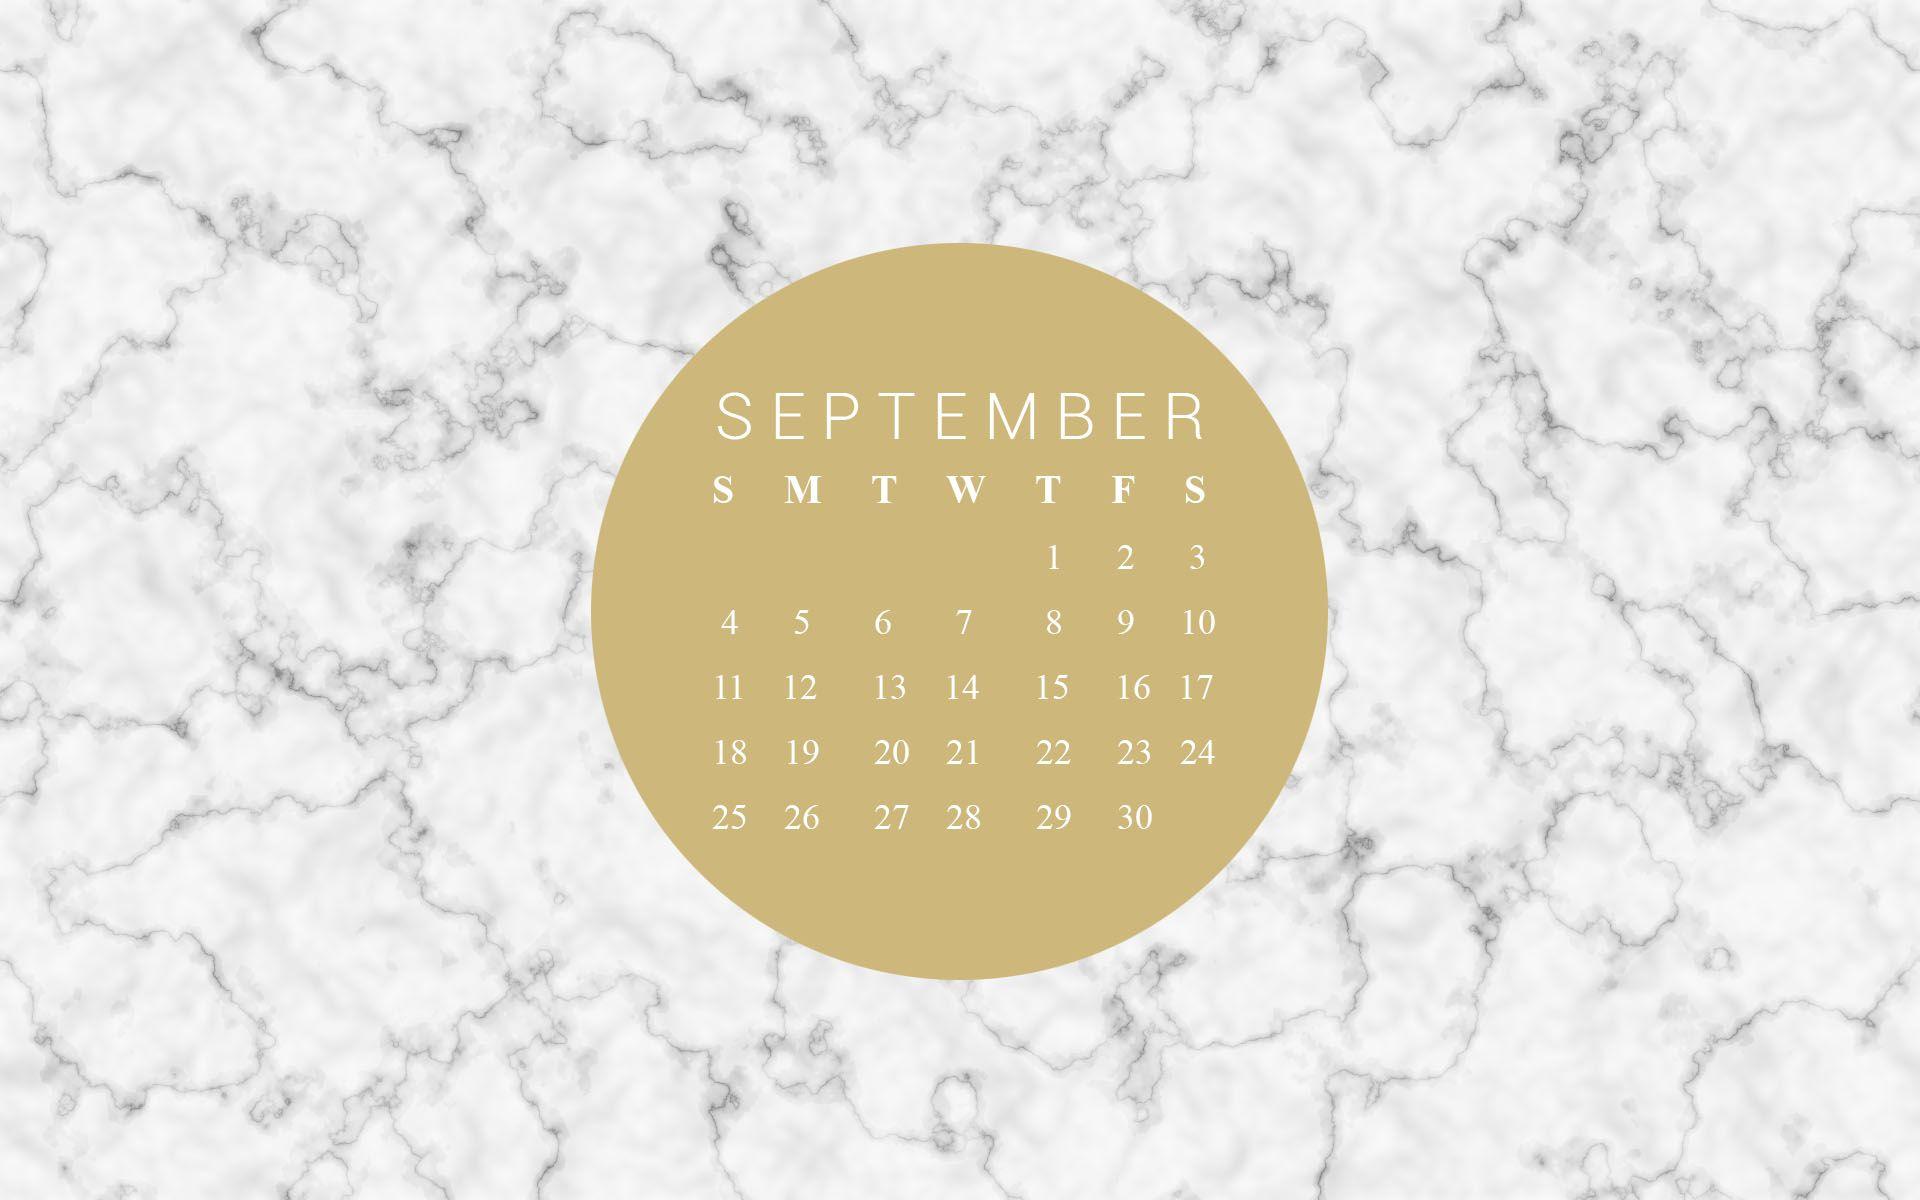 free september desktop wallpaper